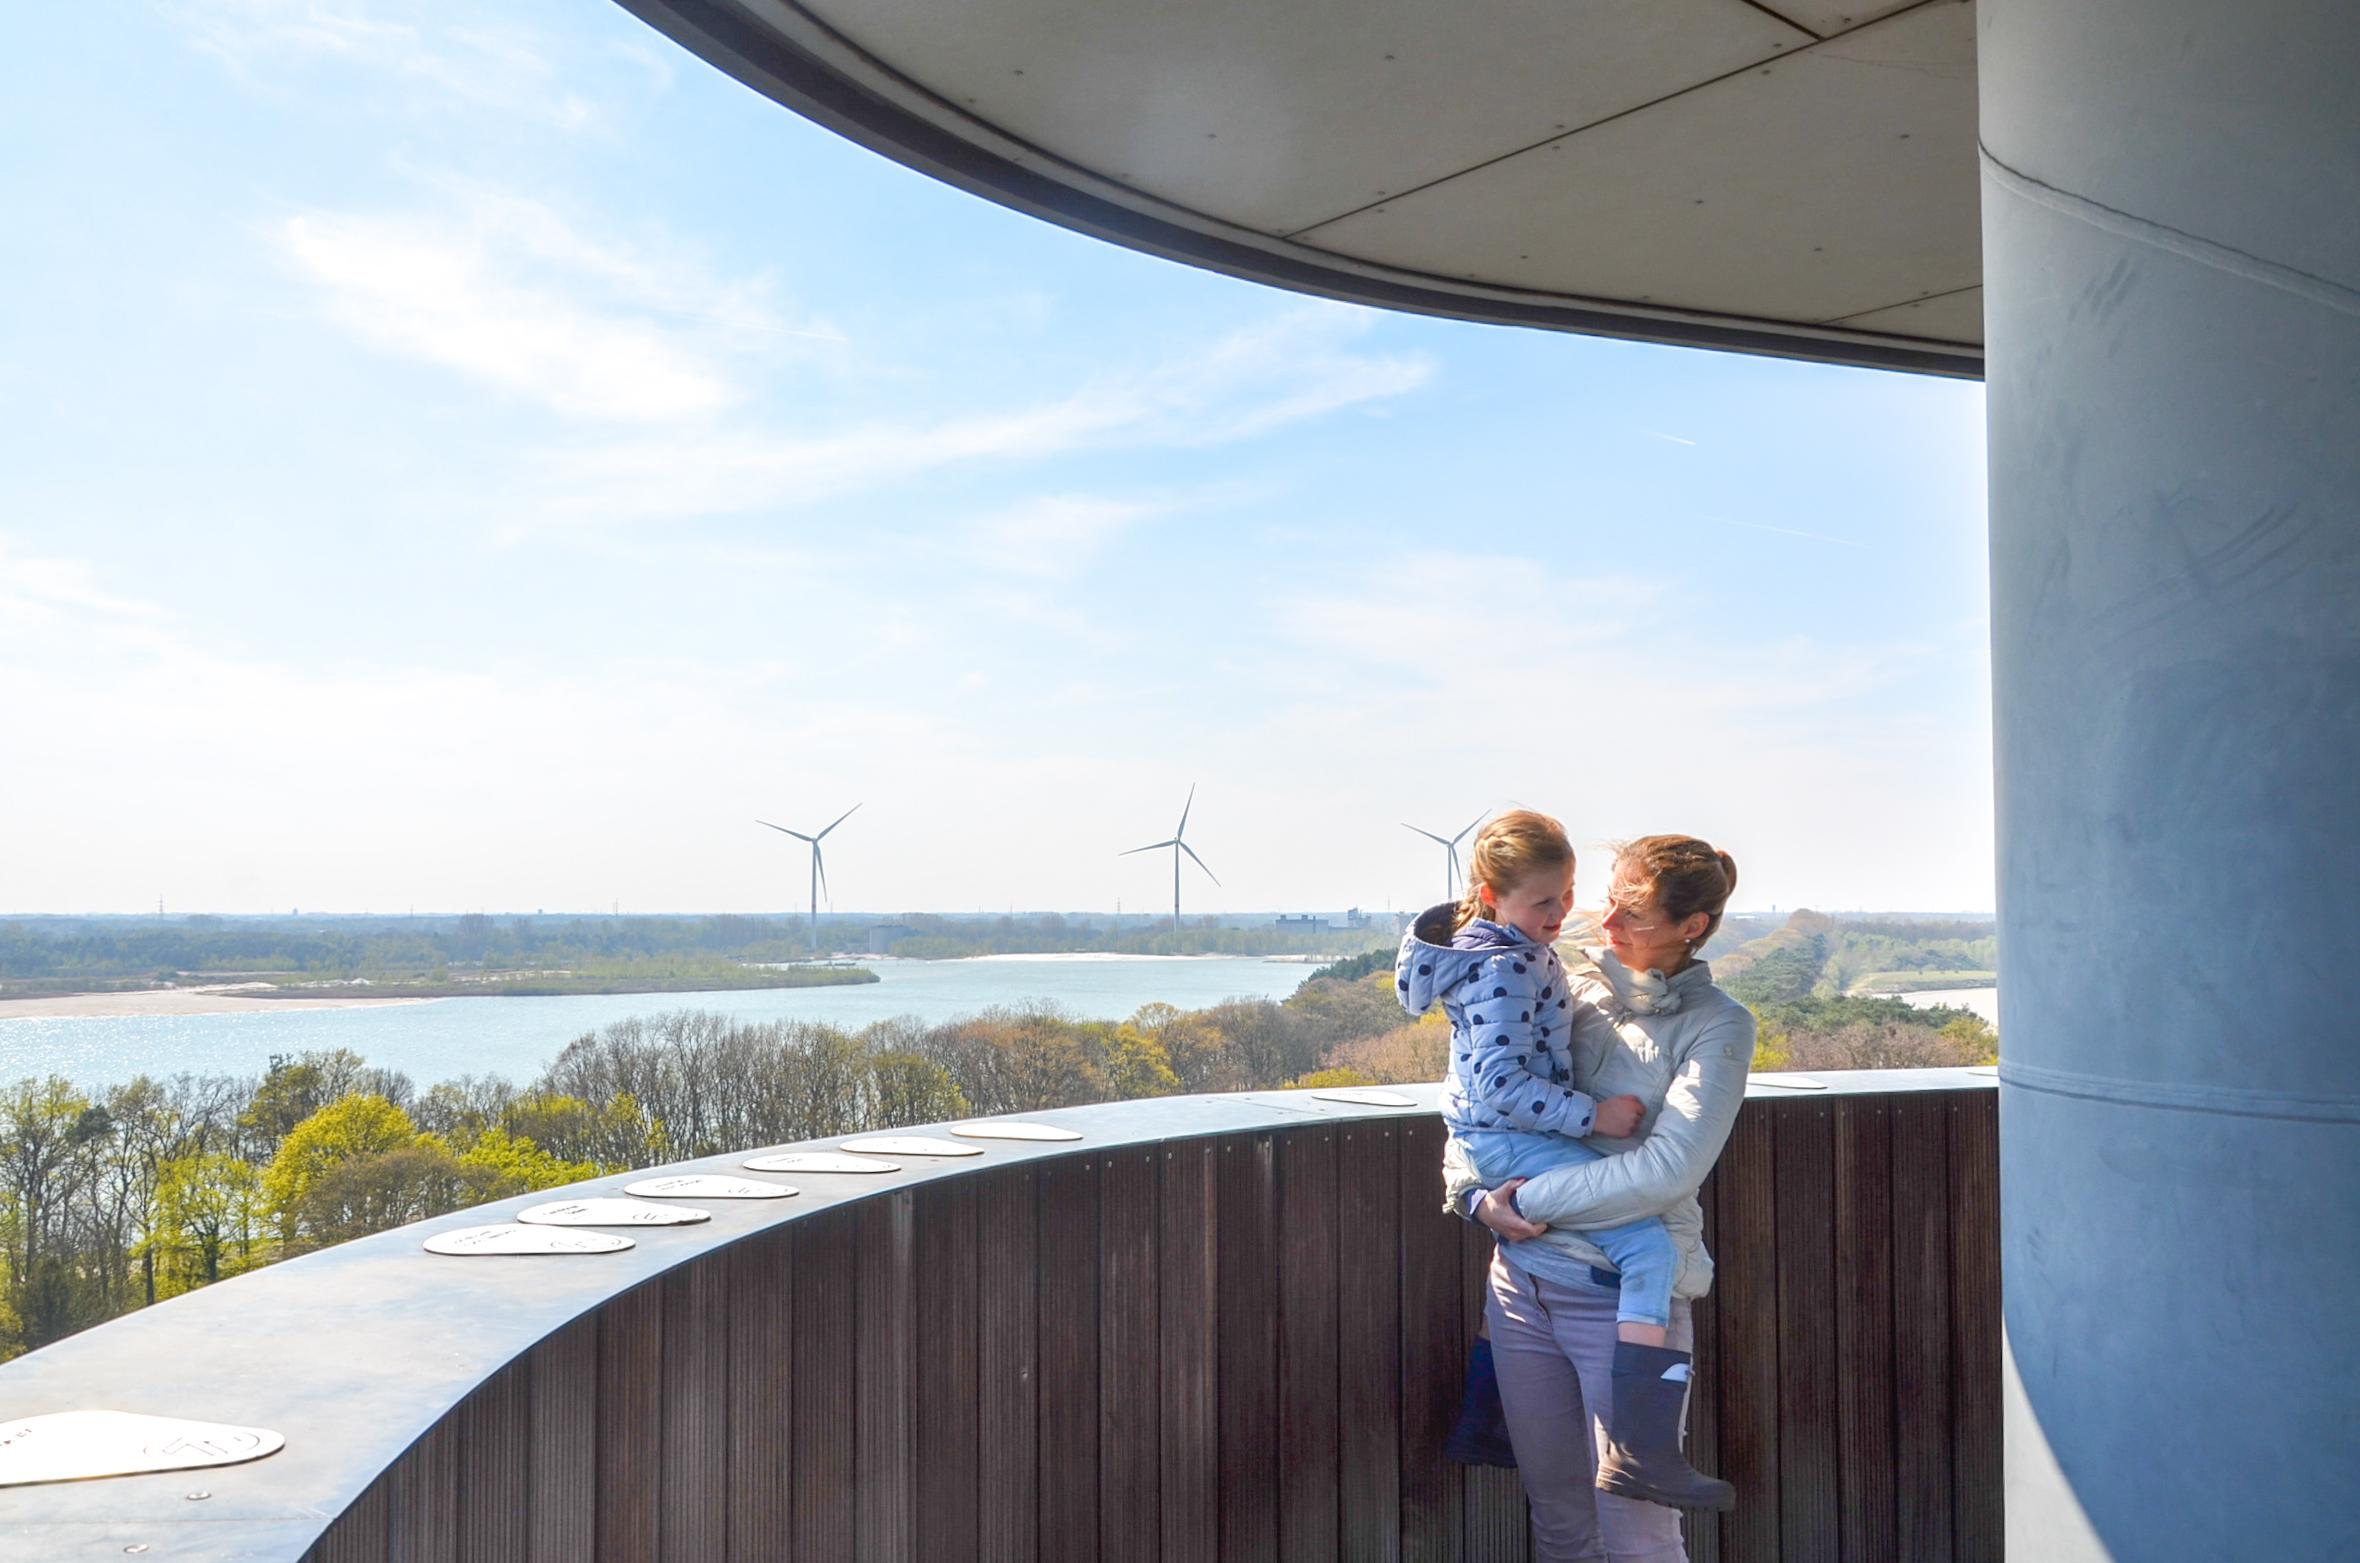 Wapperende haren door de felle wind boven op de Sas-4-toren in Dessel, maar wat een uitzicht